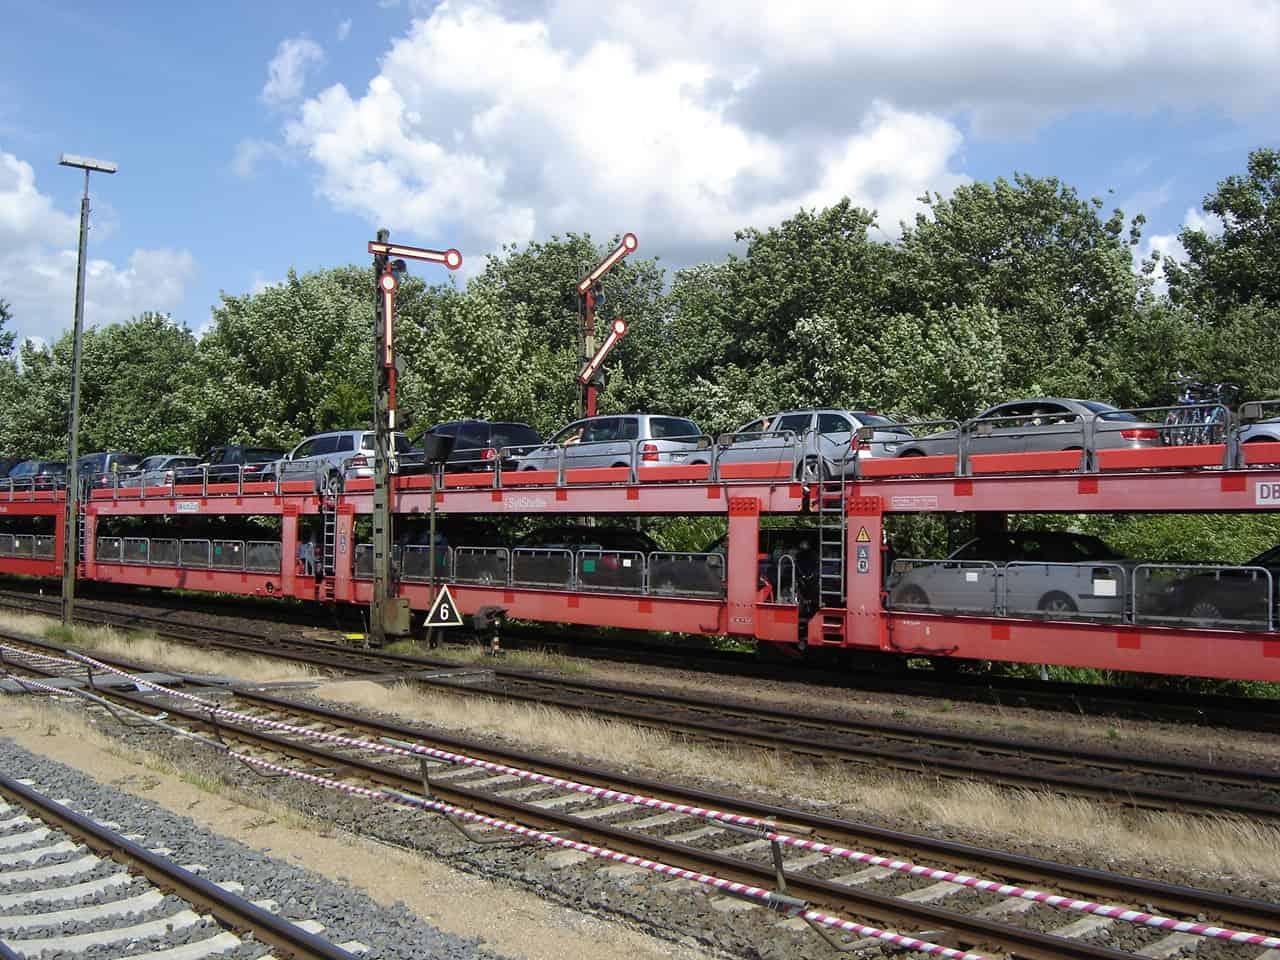 Sylt car train